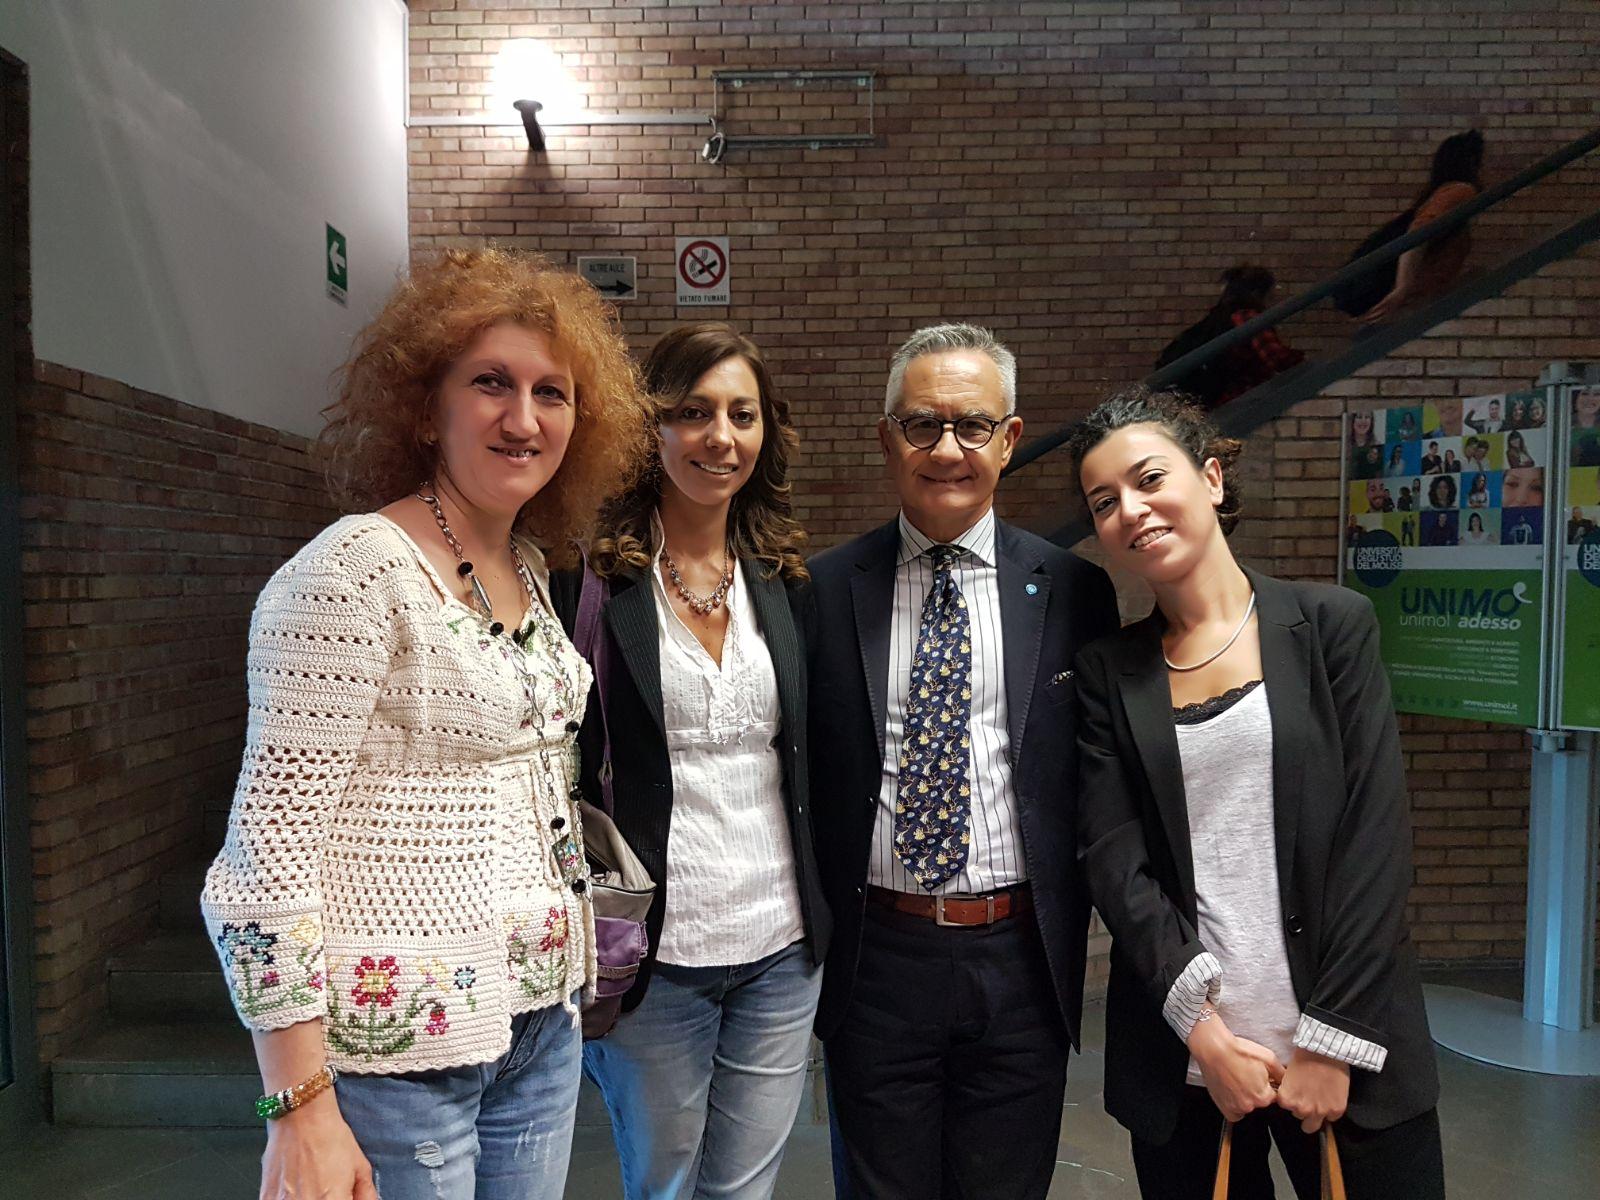 L'ex comandante dei R.I.S. Luciano Garofano ospite all'Unimol